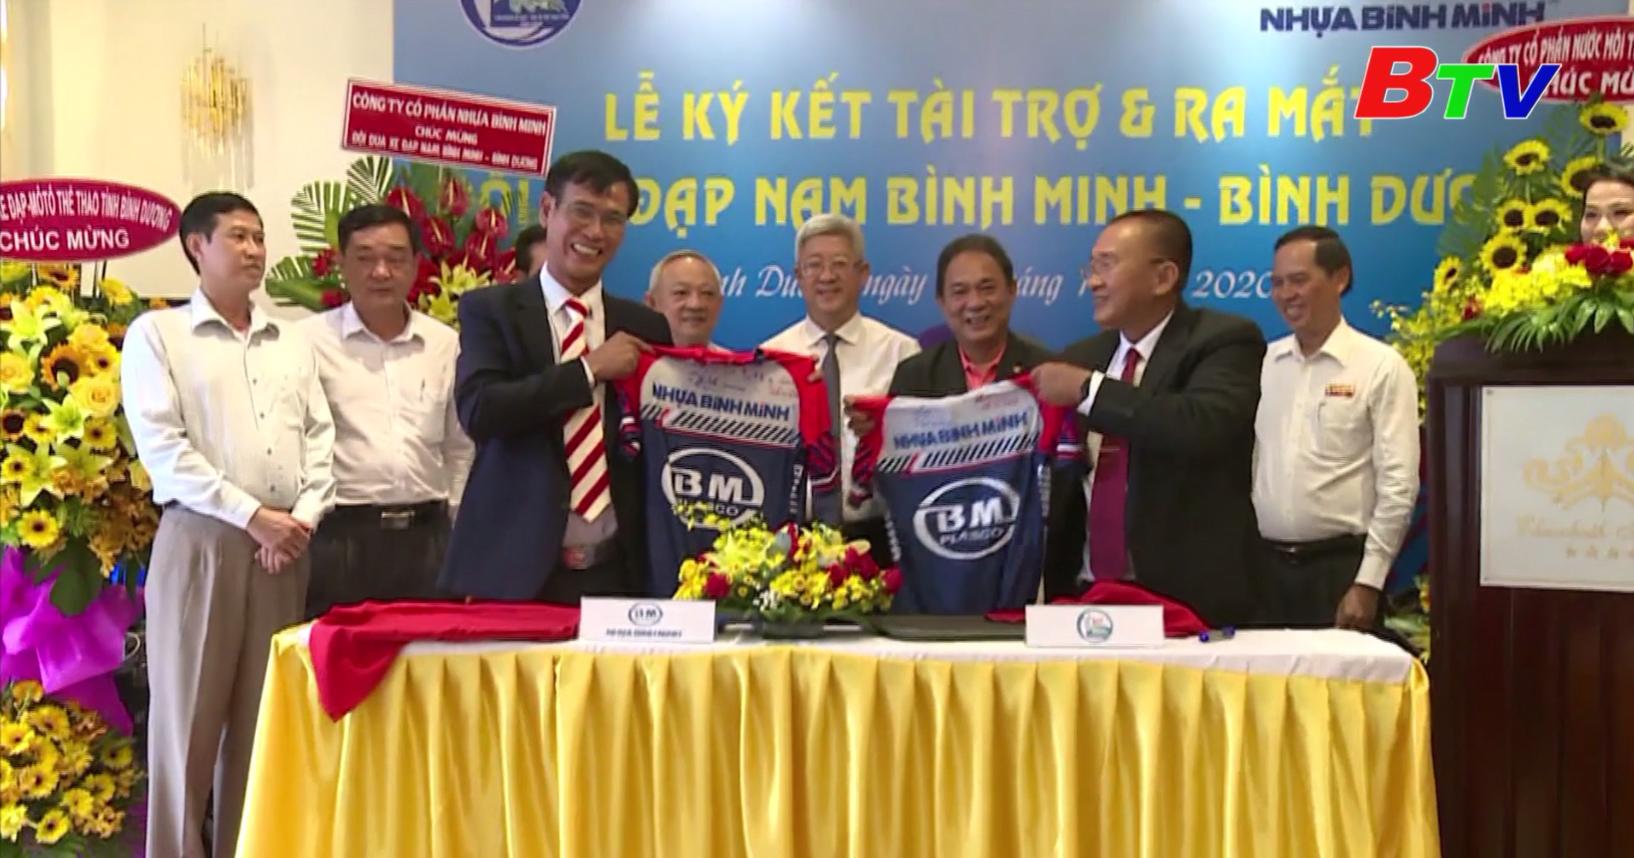 Lễ ra mắt Đội xe đạp nam Bình Minh - Bình Dương